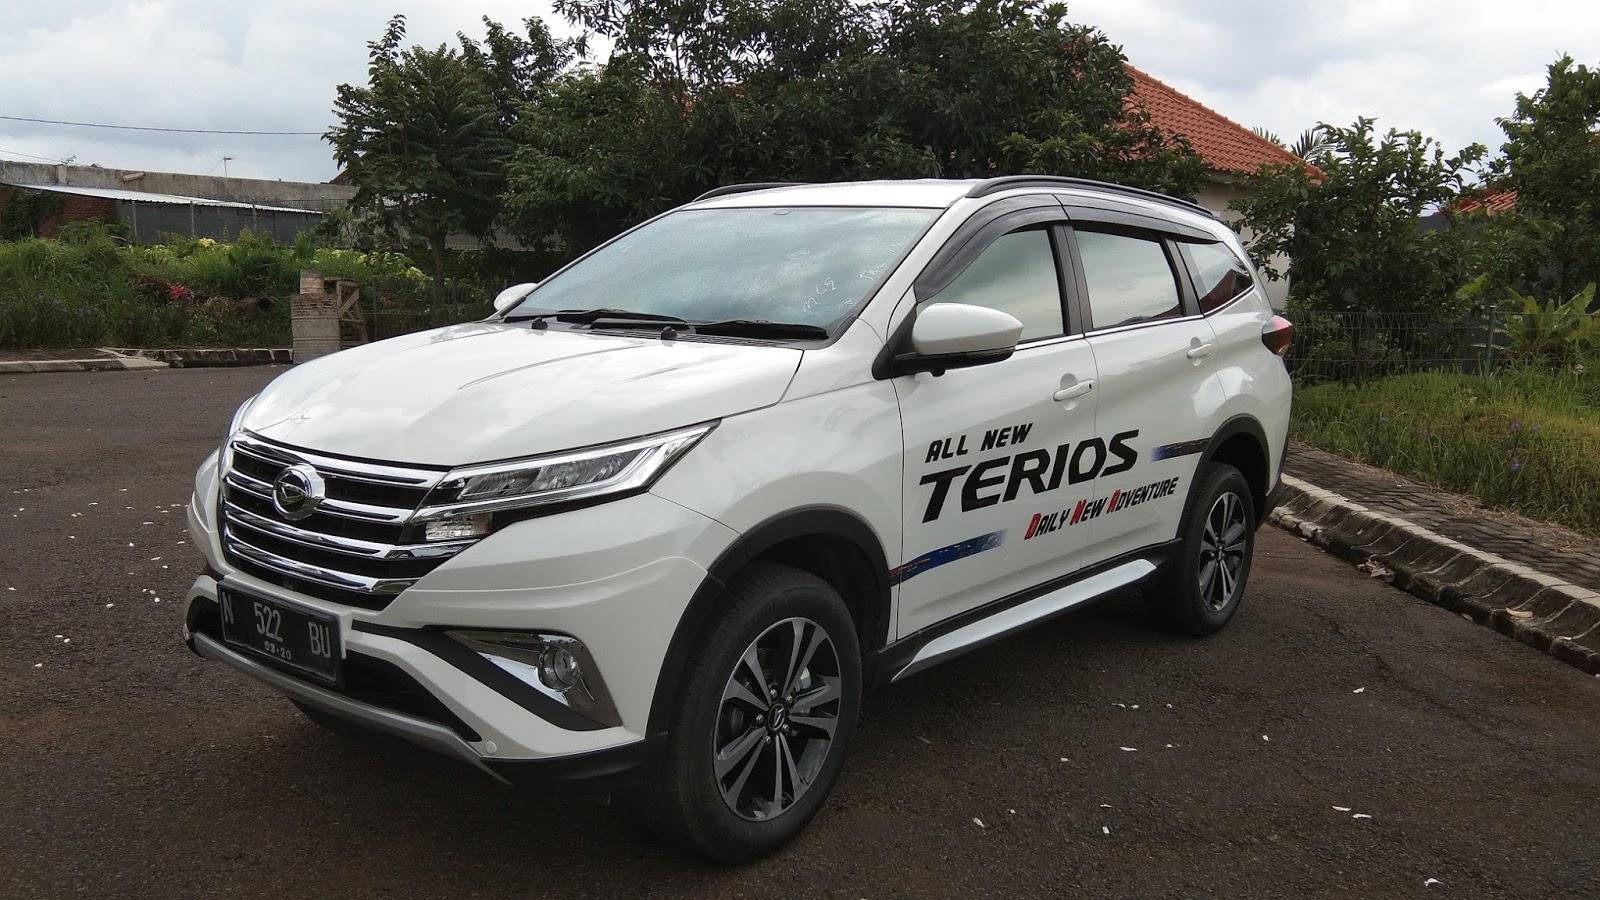 Harga All New Vellfire 2018 Kelebihan Grand Avanza Daihatsu Terios Model Baru Tak Alami Kenaikan Ini